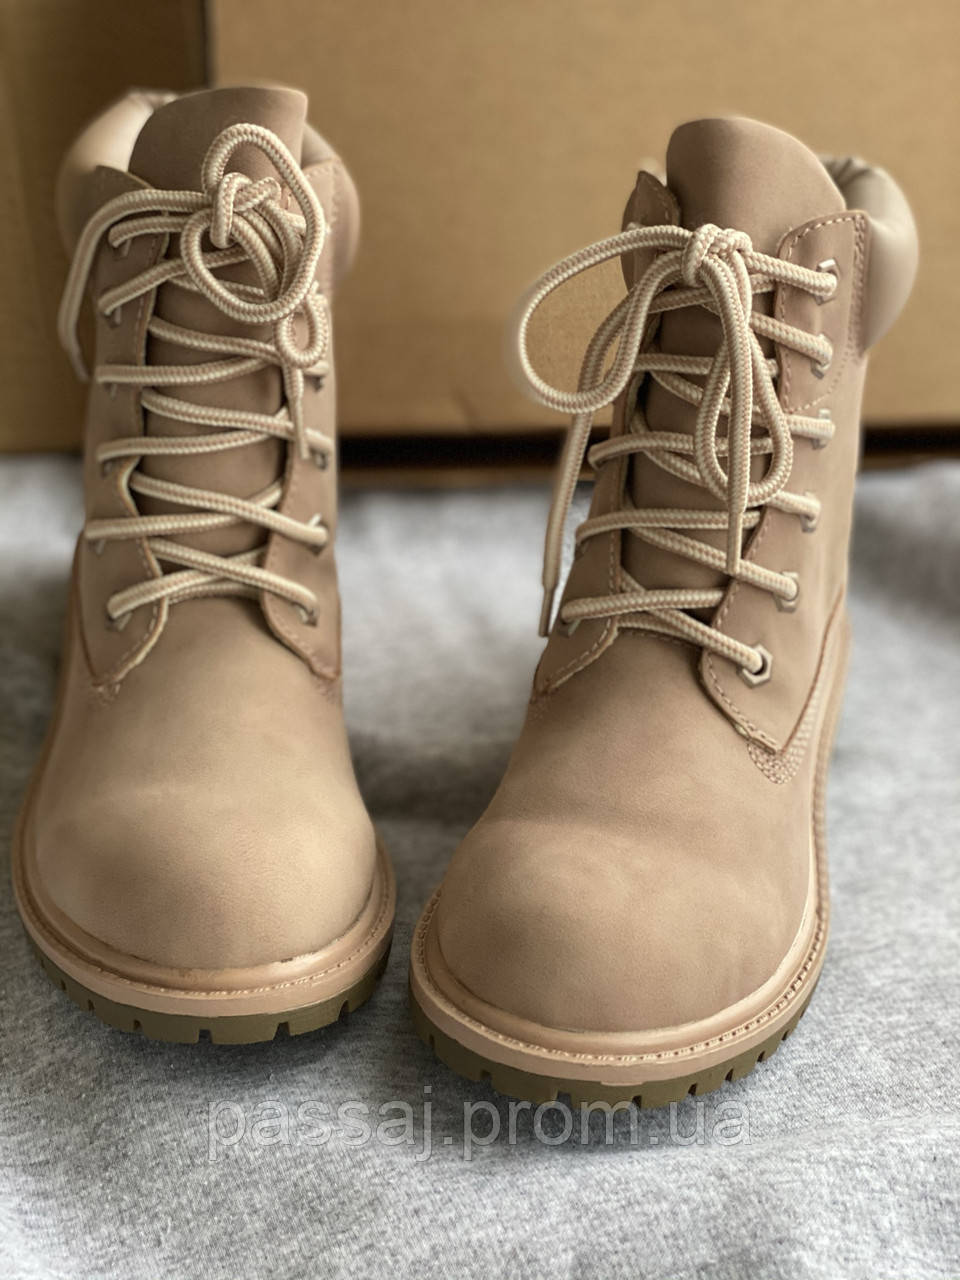 Светлые ботинки необычного цвета американского бренда unionbay